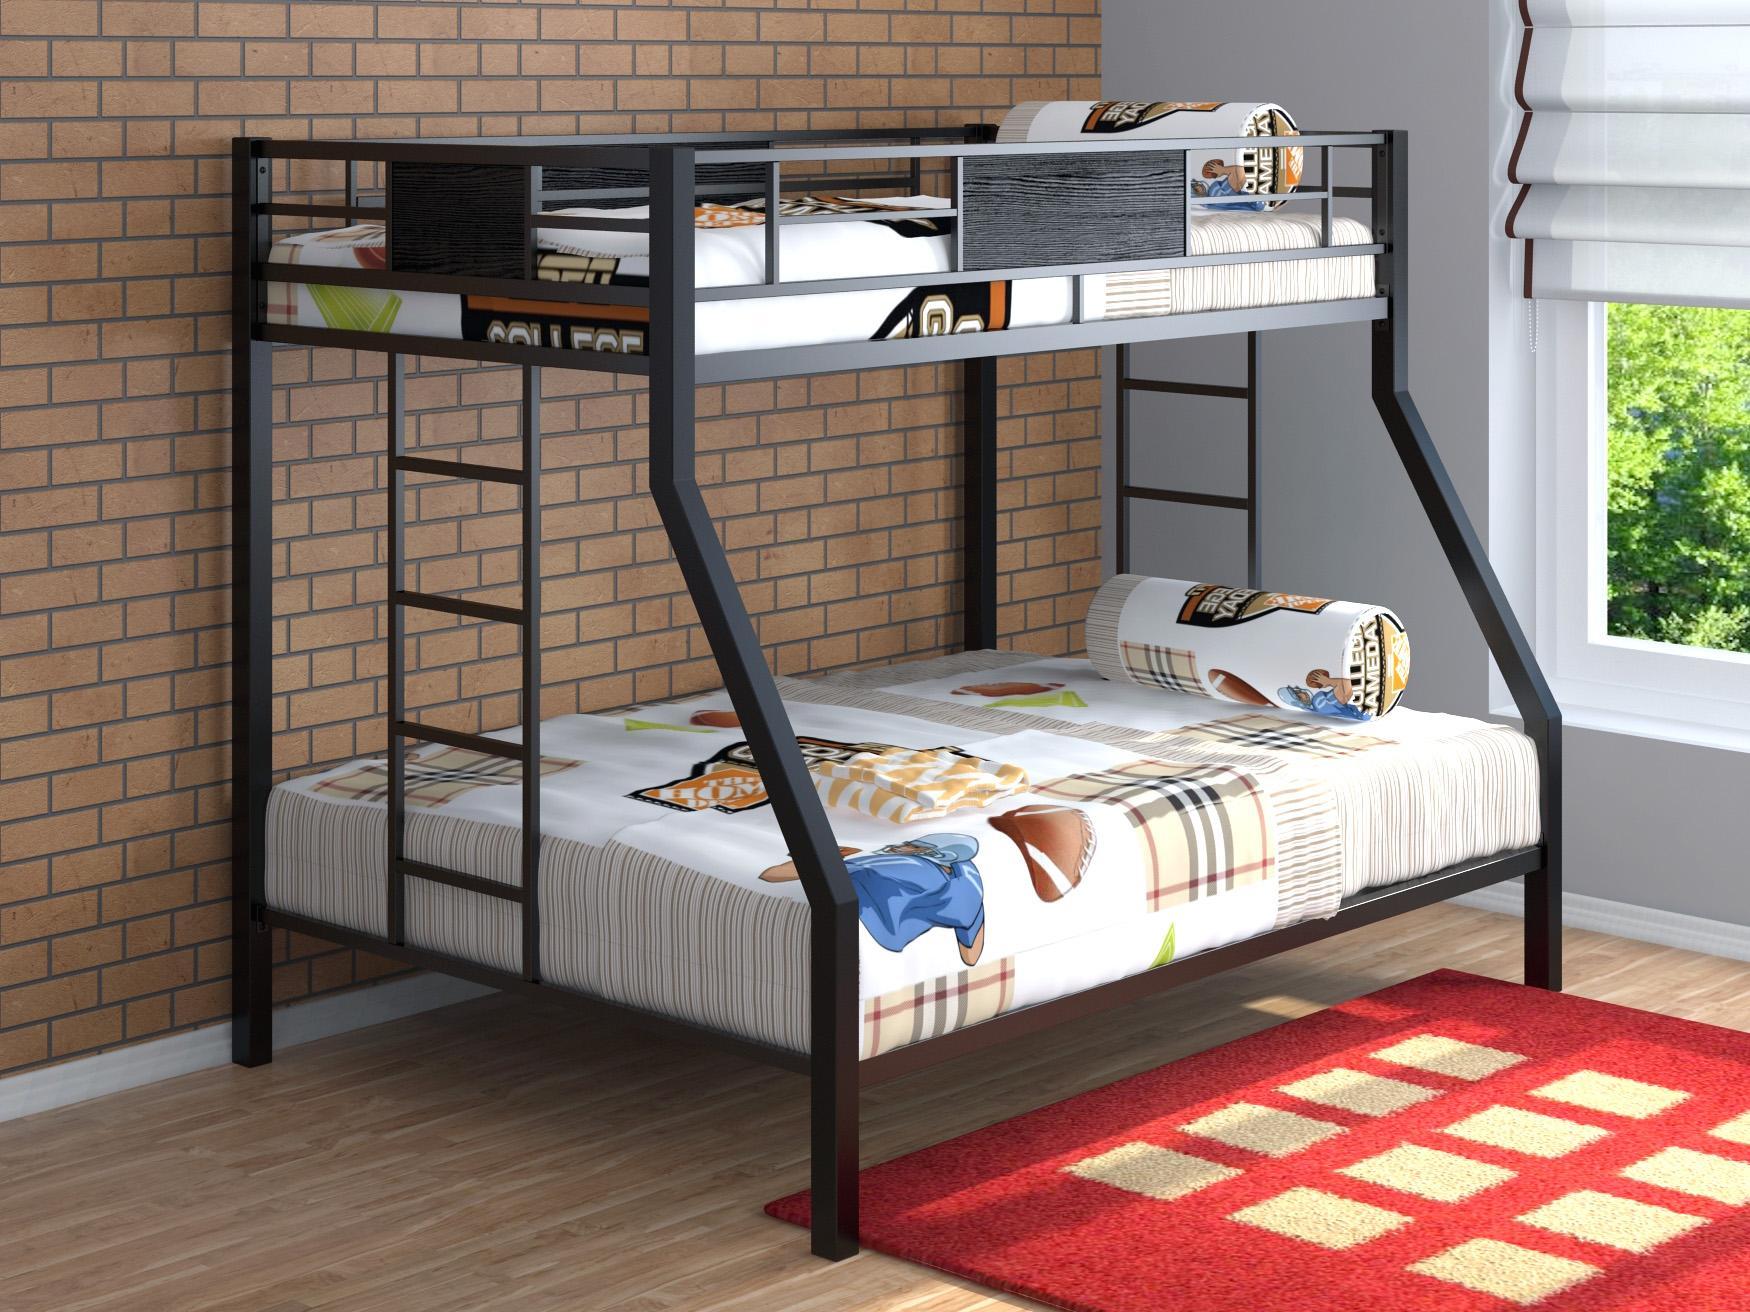 Своими руками двухъярусная кровать в домашних условиях фото 343